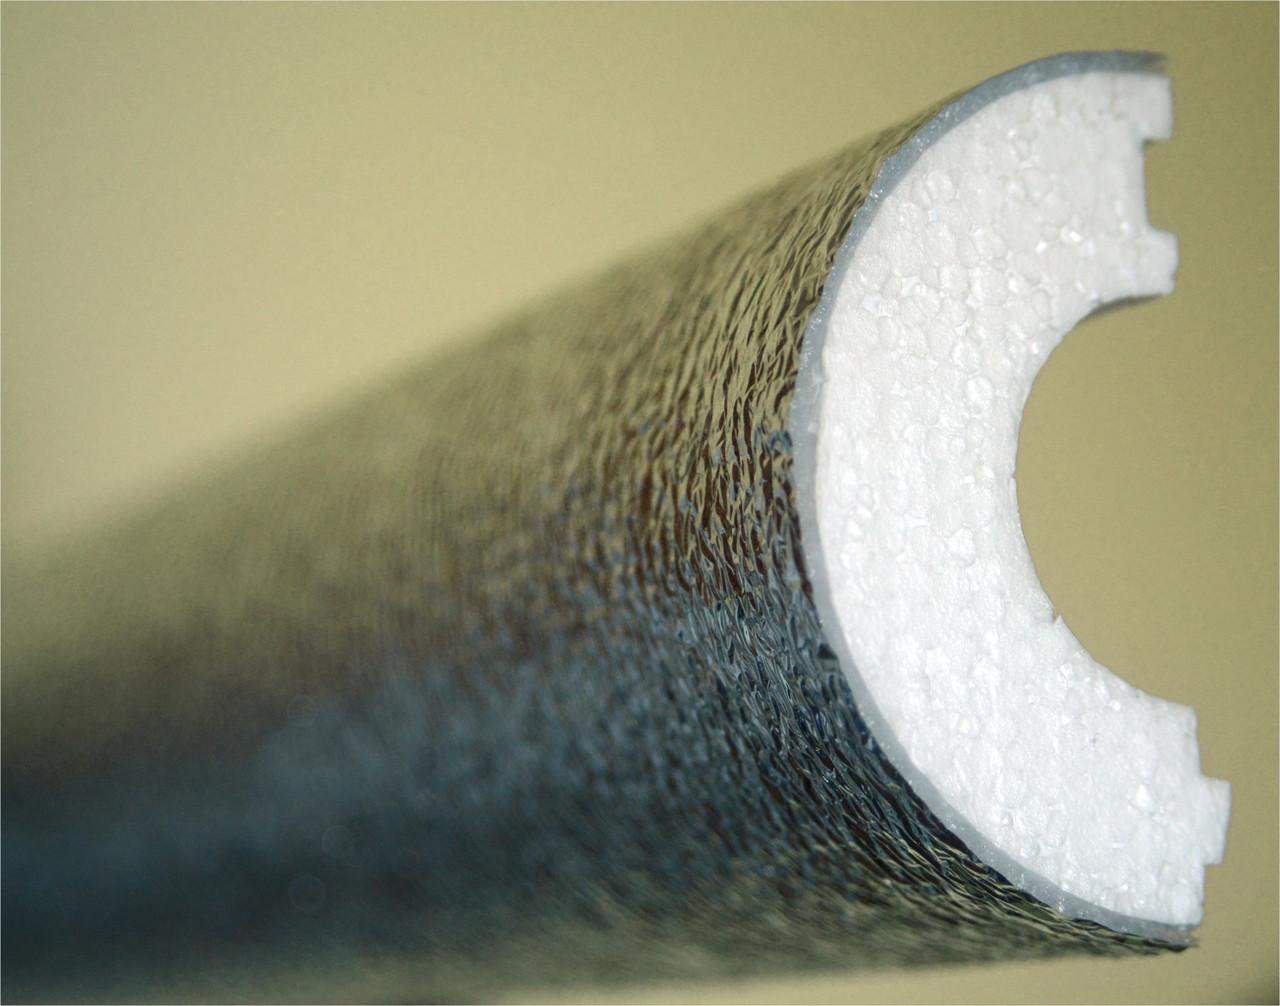 Теплоизоляция трубопровода скорлупа из пенопласта марки ПСБ-С-25 Ø20, 40мм, с покрытием фольгаизолом - Интернет-магазин LeCo в Херсоне